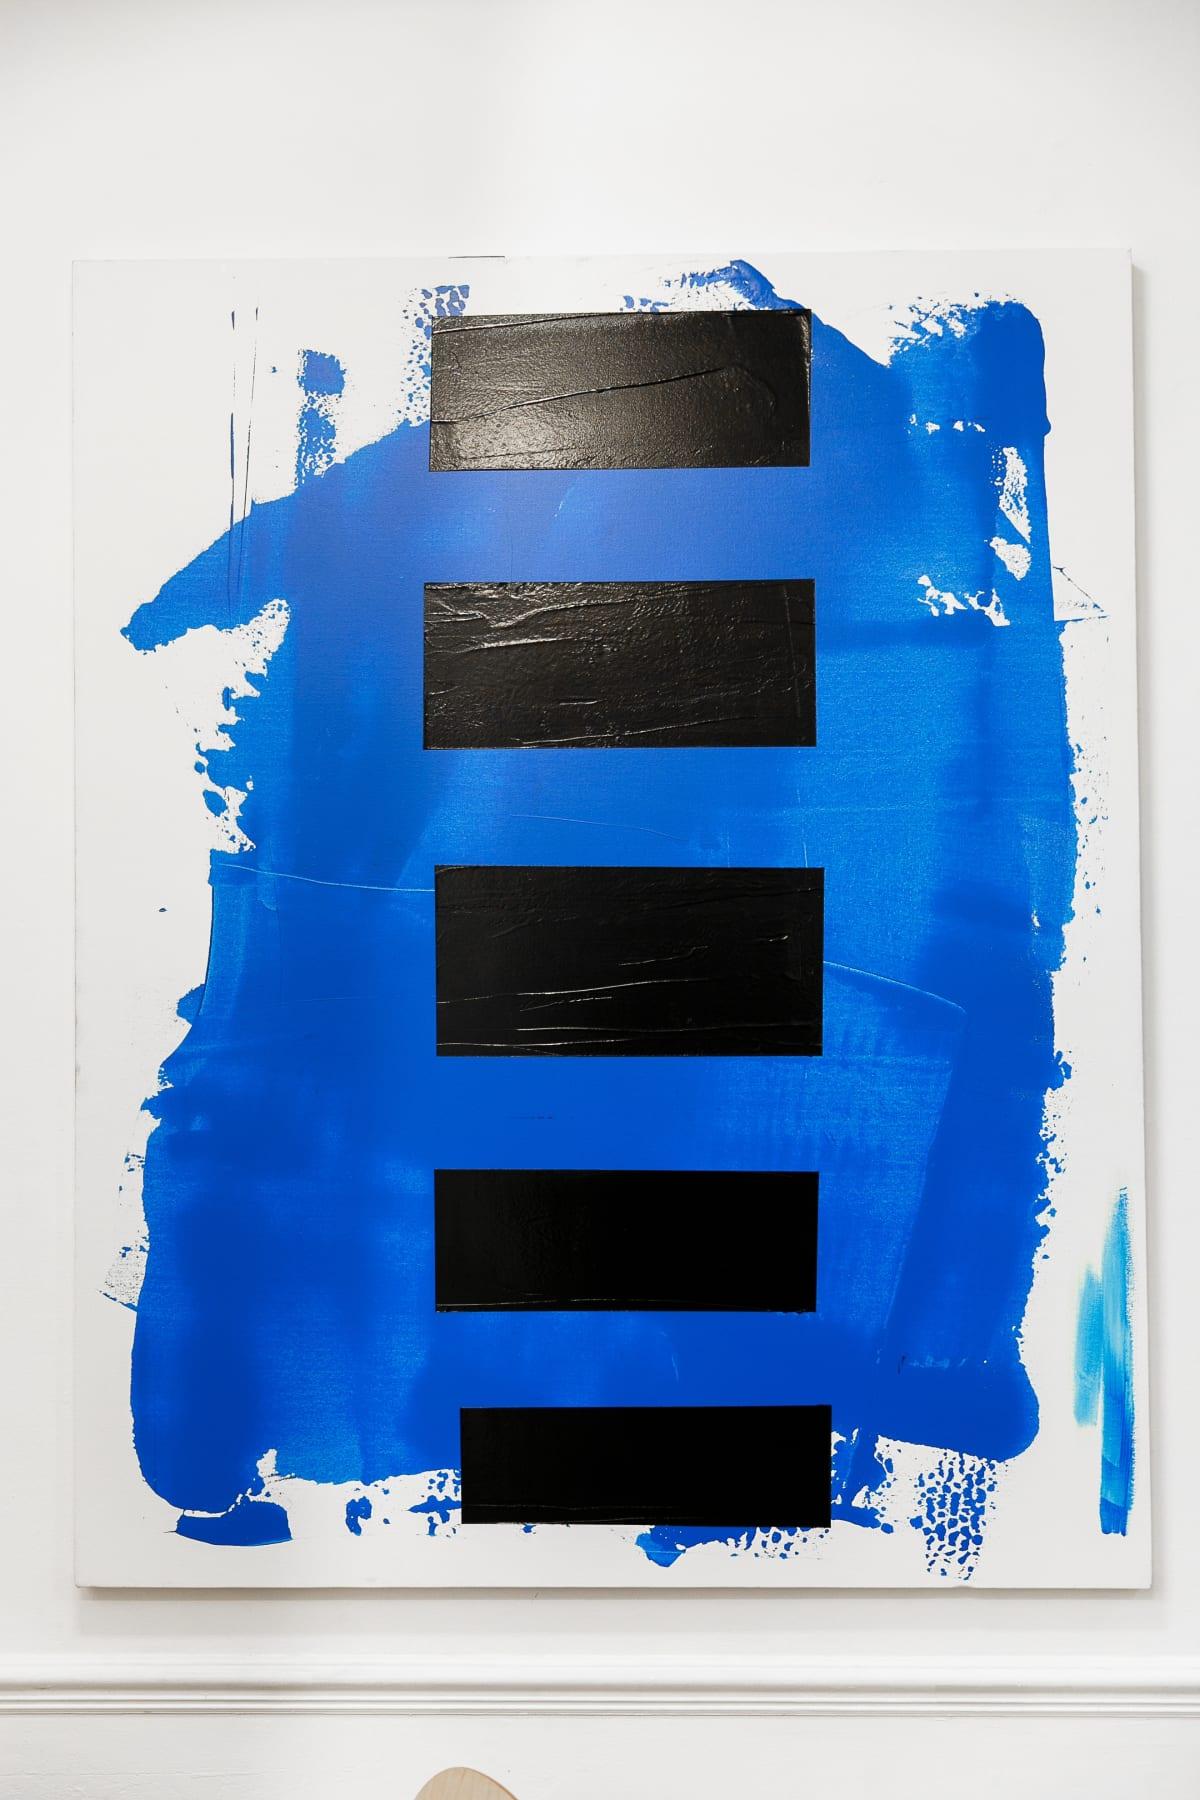 Erase Me Tariku Shiferaw 039